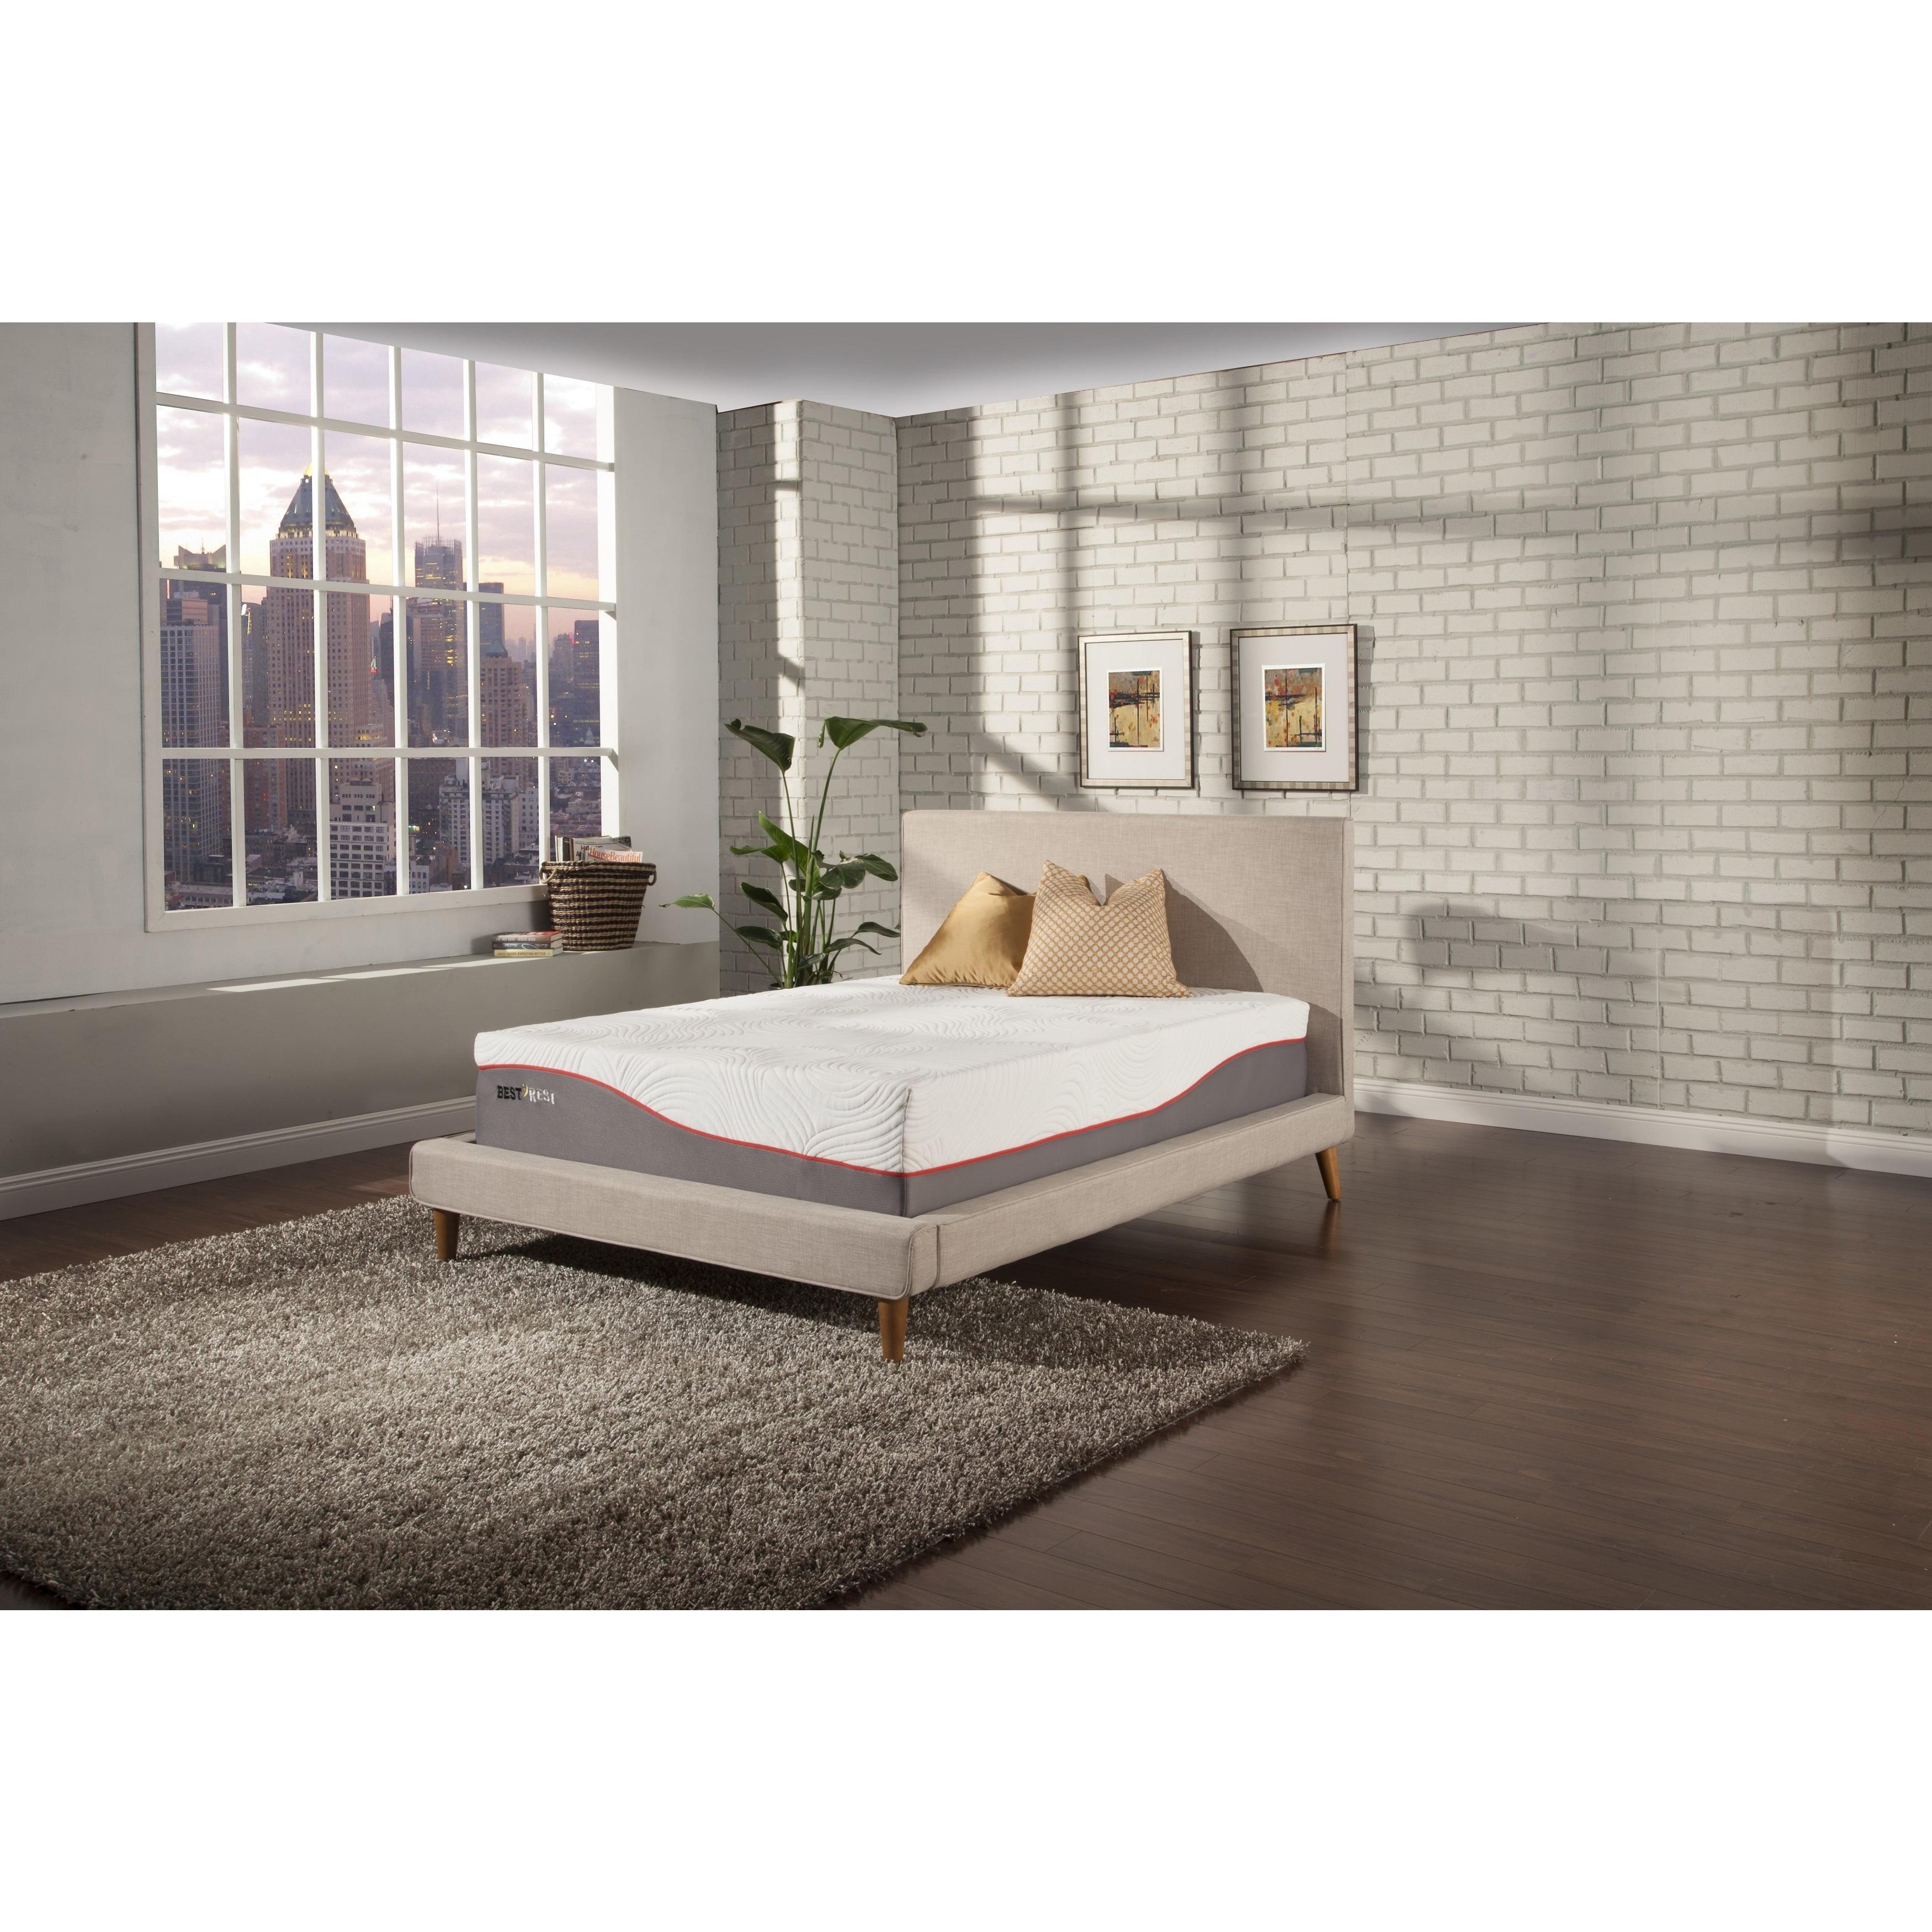 Kittrich Best Rest 13-inch Twin XL-size Gel Memory Foam Twin Mattress